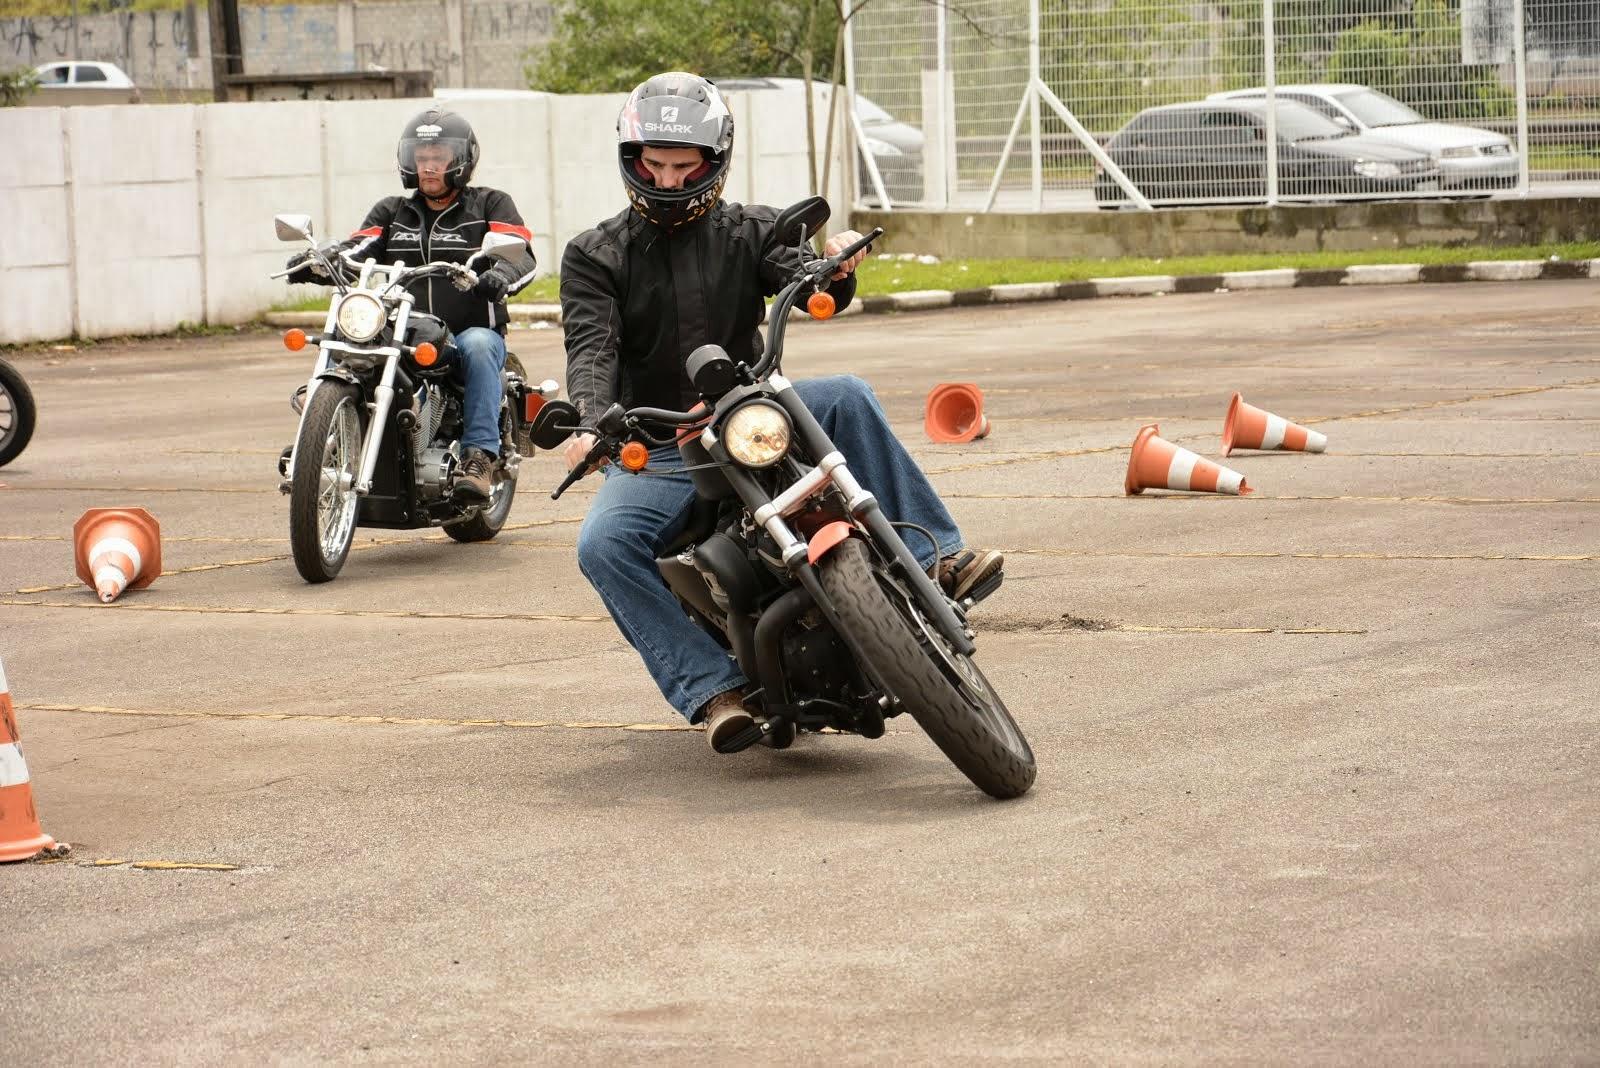 Posição adequada para curvas fechadas e de baixa velocidade.